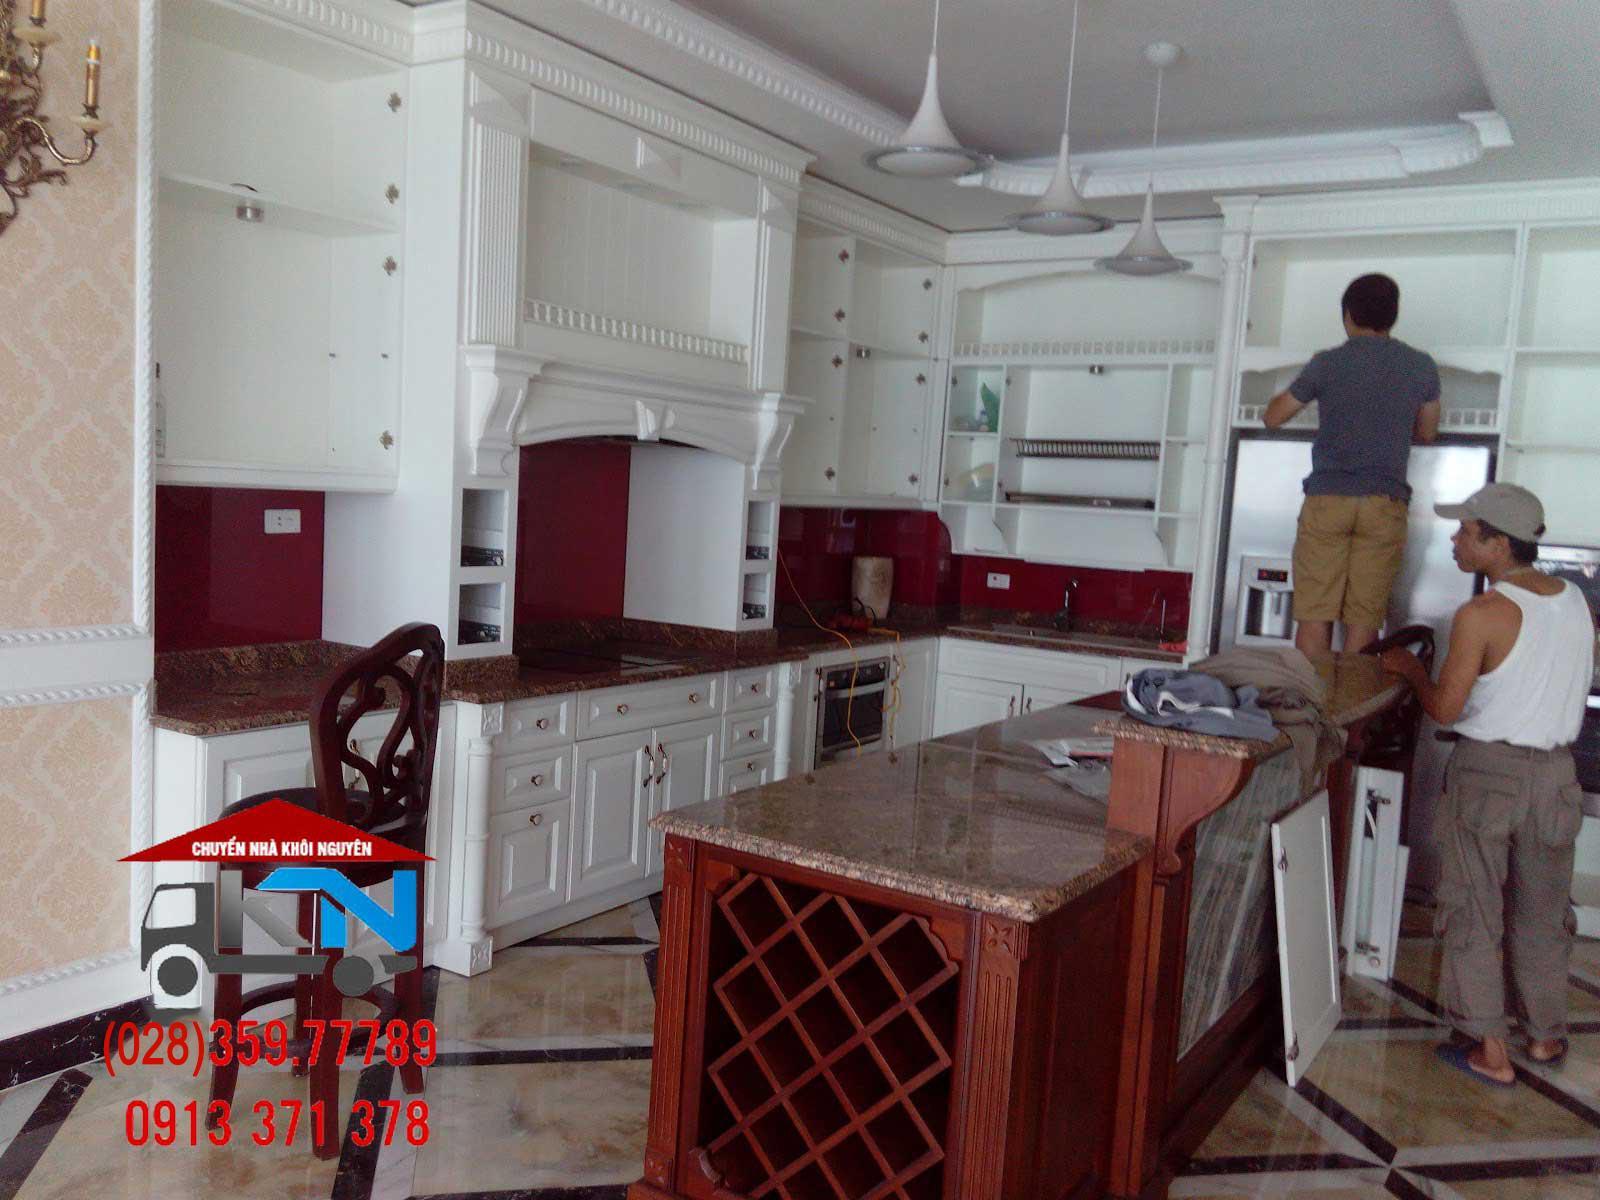 Sửa tủ bếp tại nhà TP.HCM